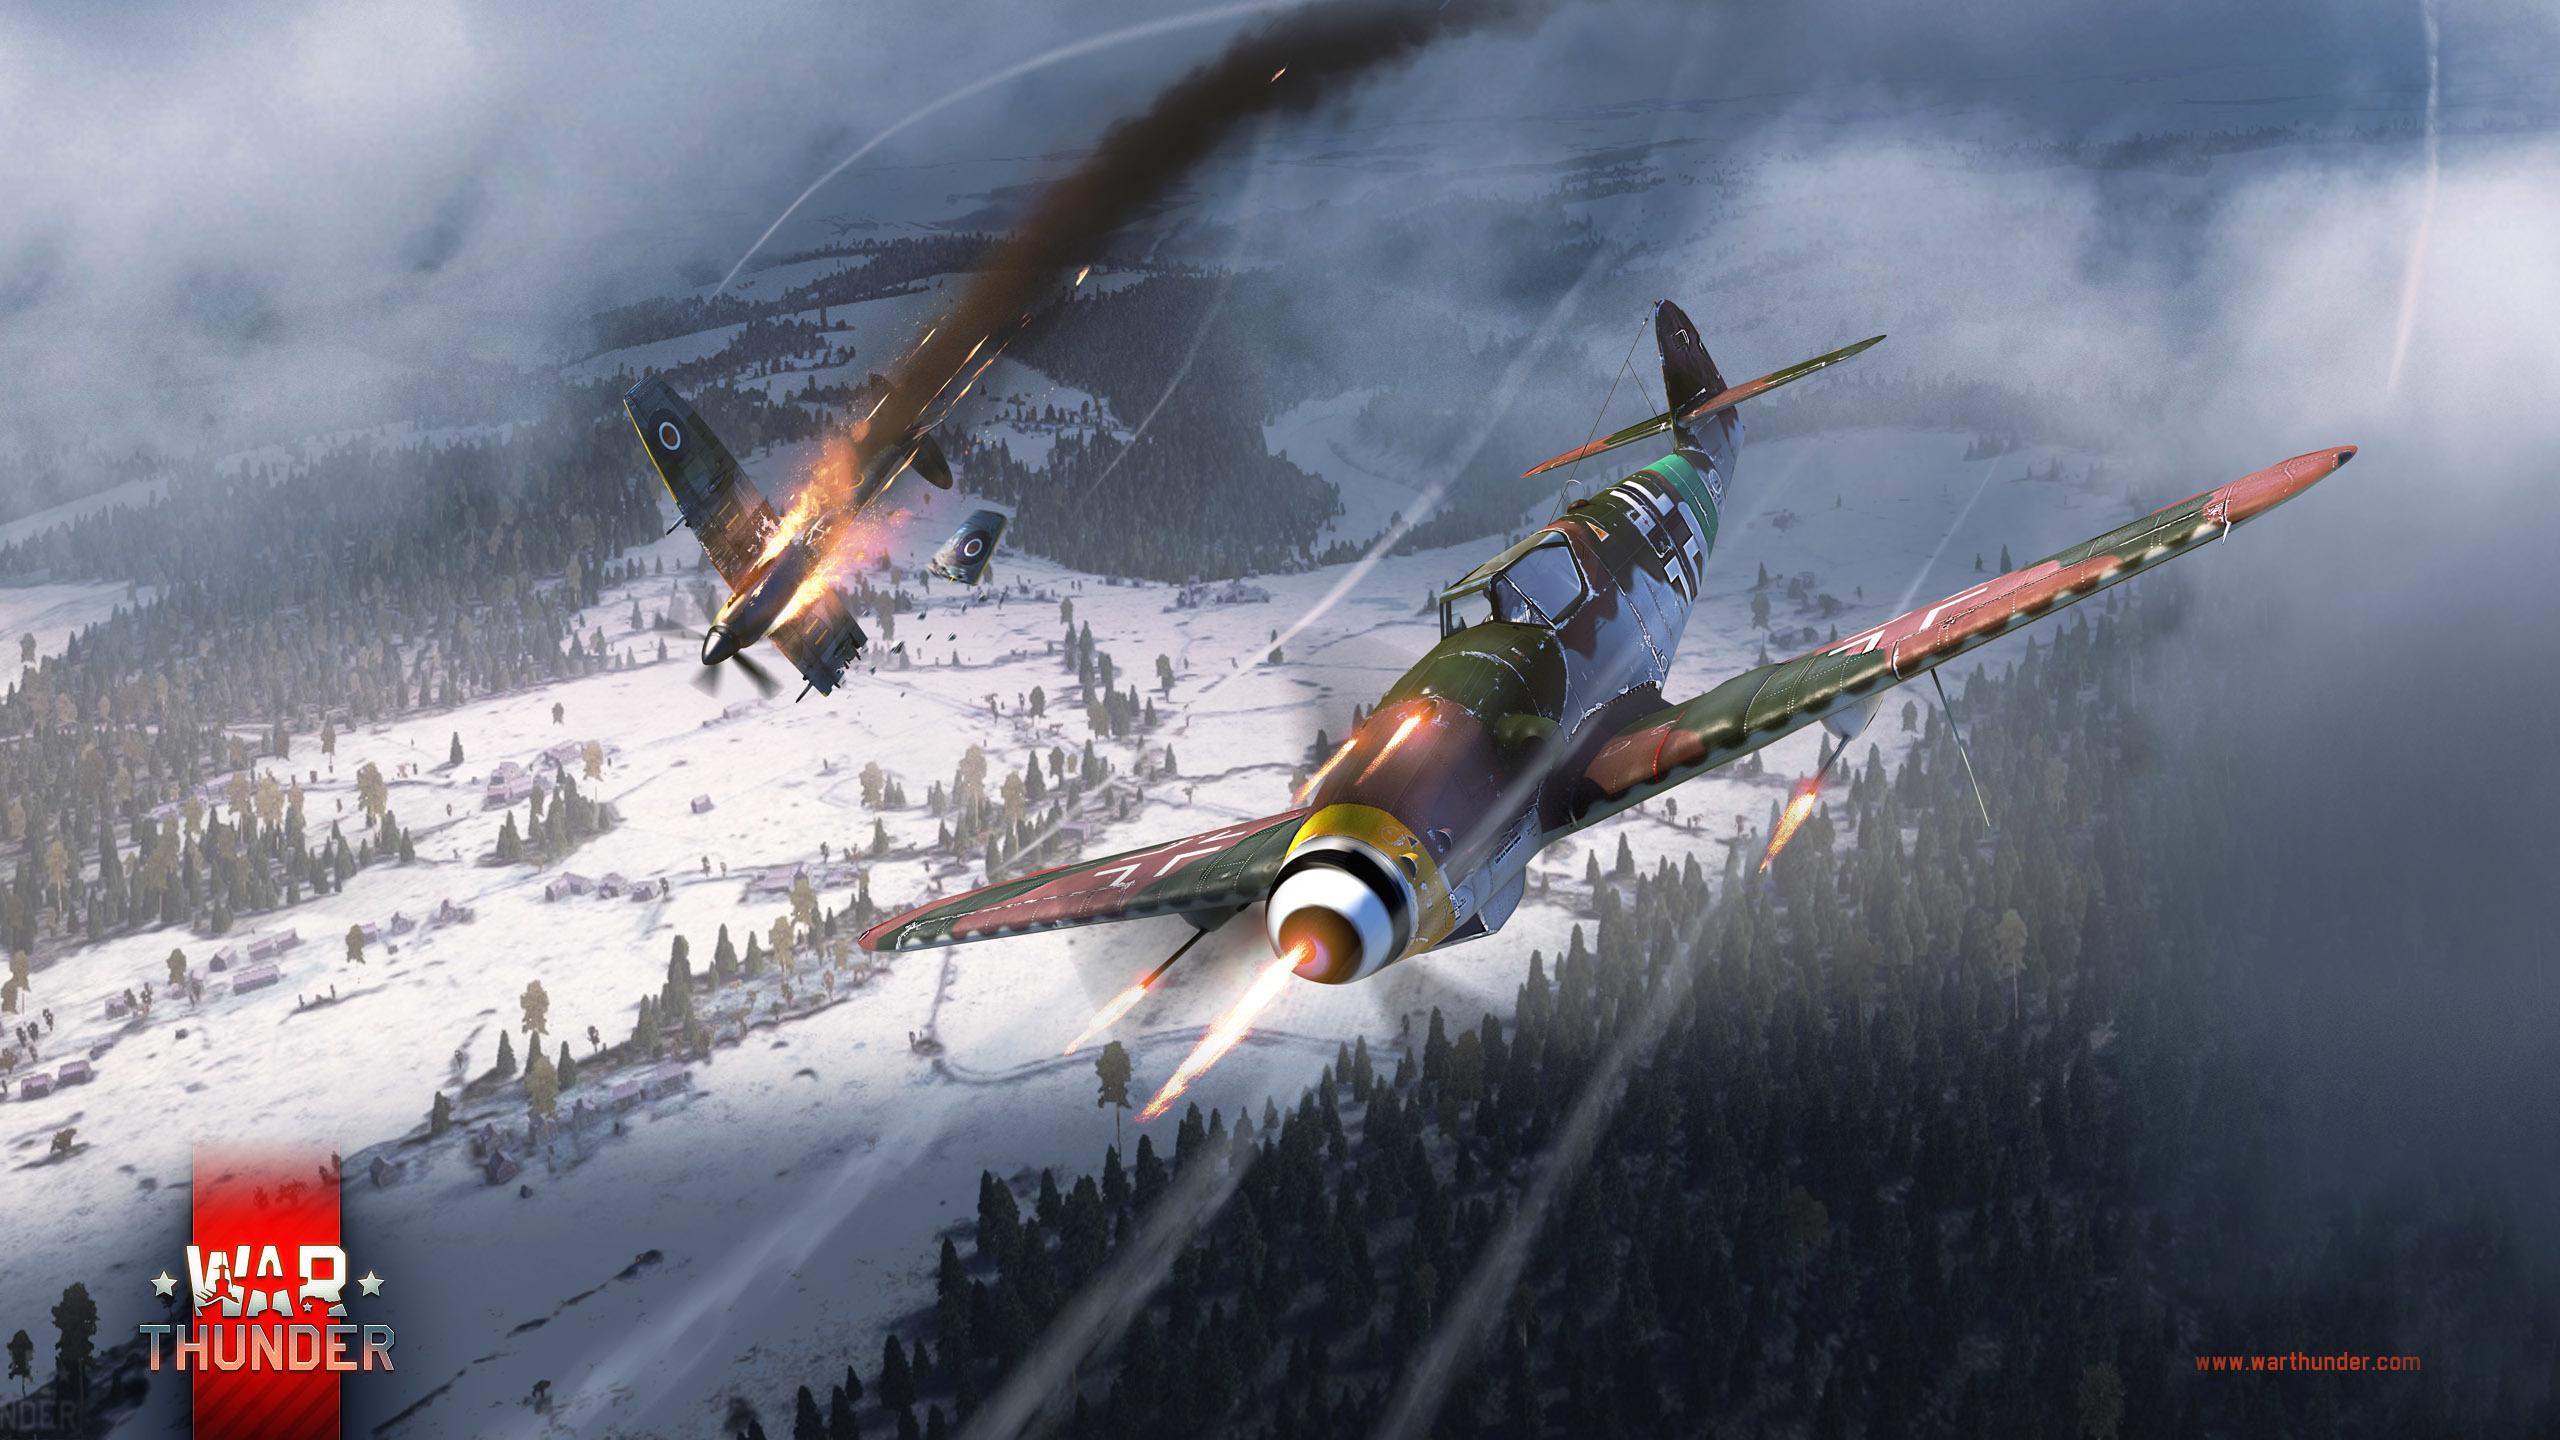 壁紙 War Thunder ウォーサンダー Dmm Games